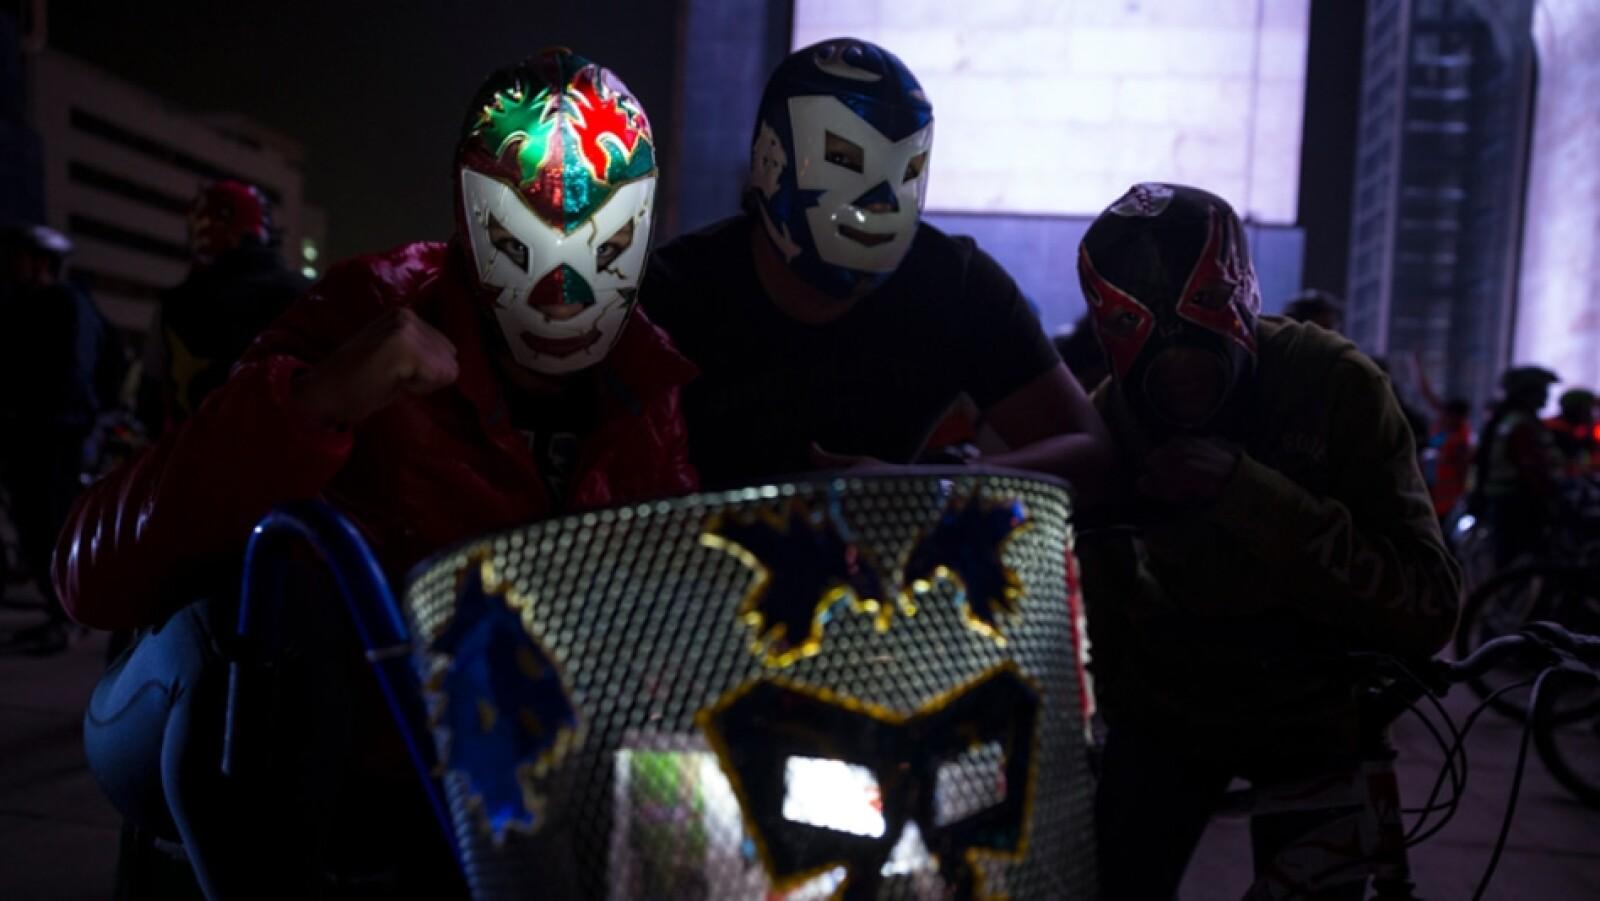 paseo ciclista con mascaras de luchadores